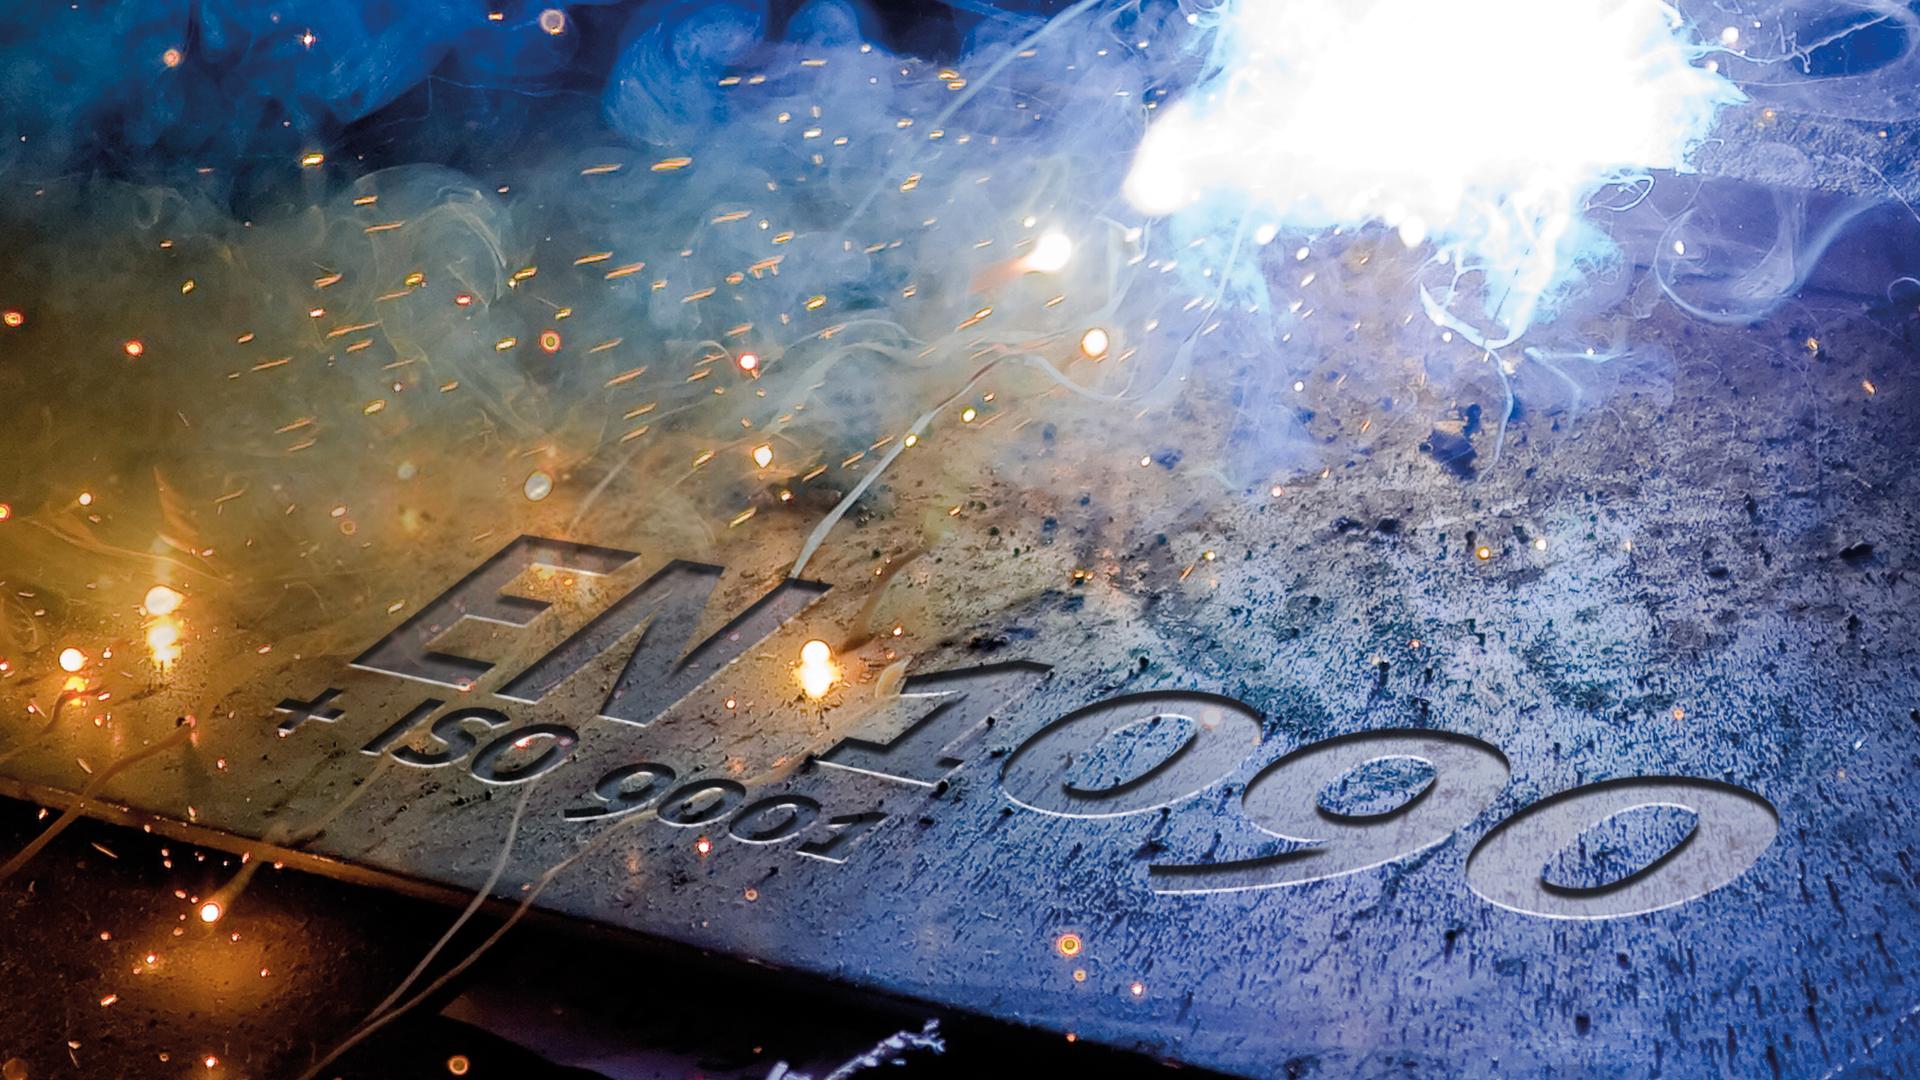 200812_ISO_9001_13-01-18 Ihnen Aurich Unternehmenspräsentation.jpg – Stahl- und Metallbau Ihnen GmbH & Co. KG